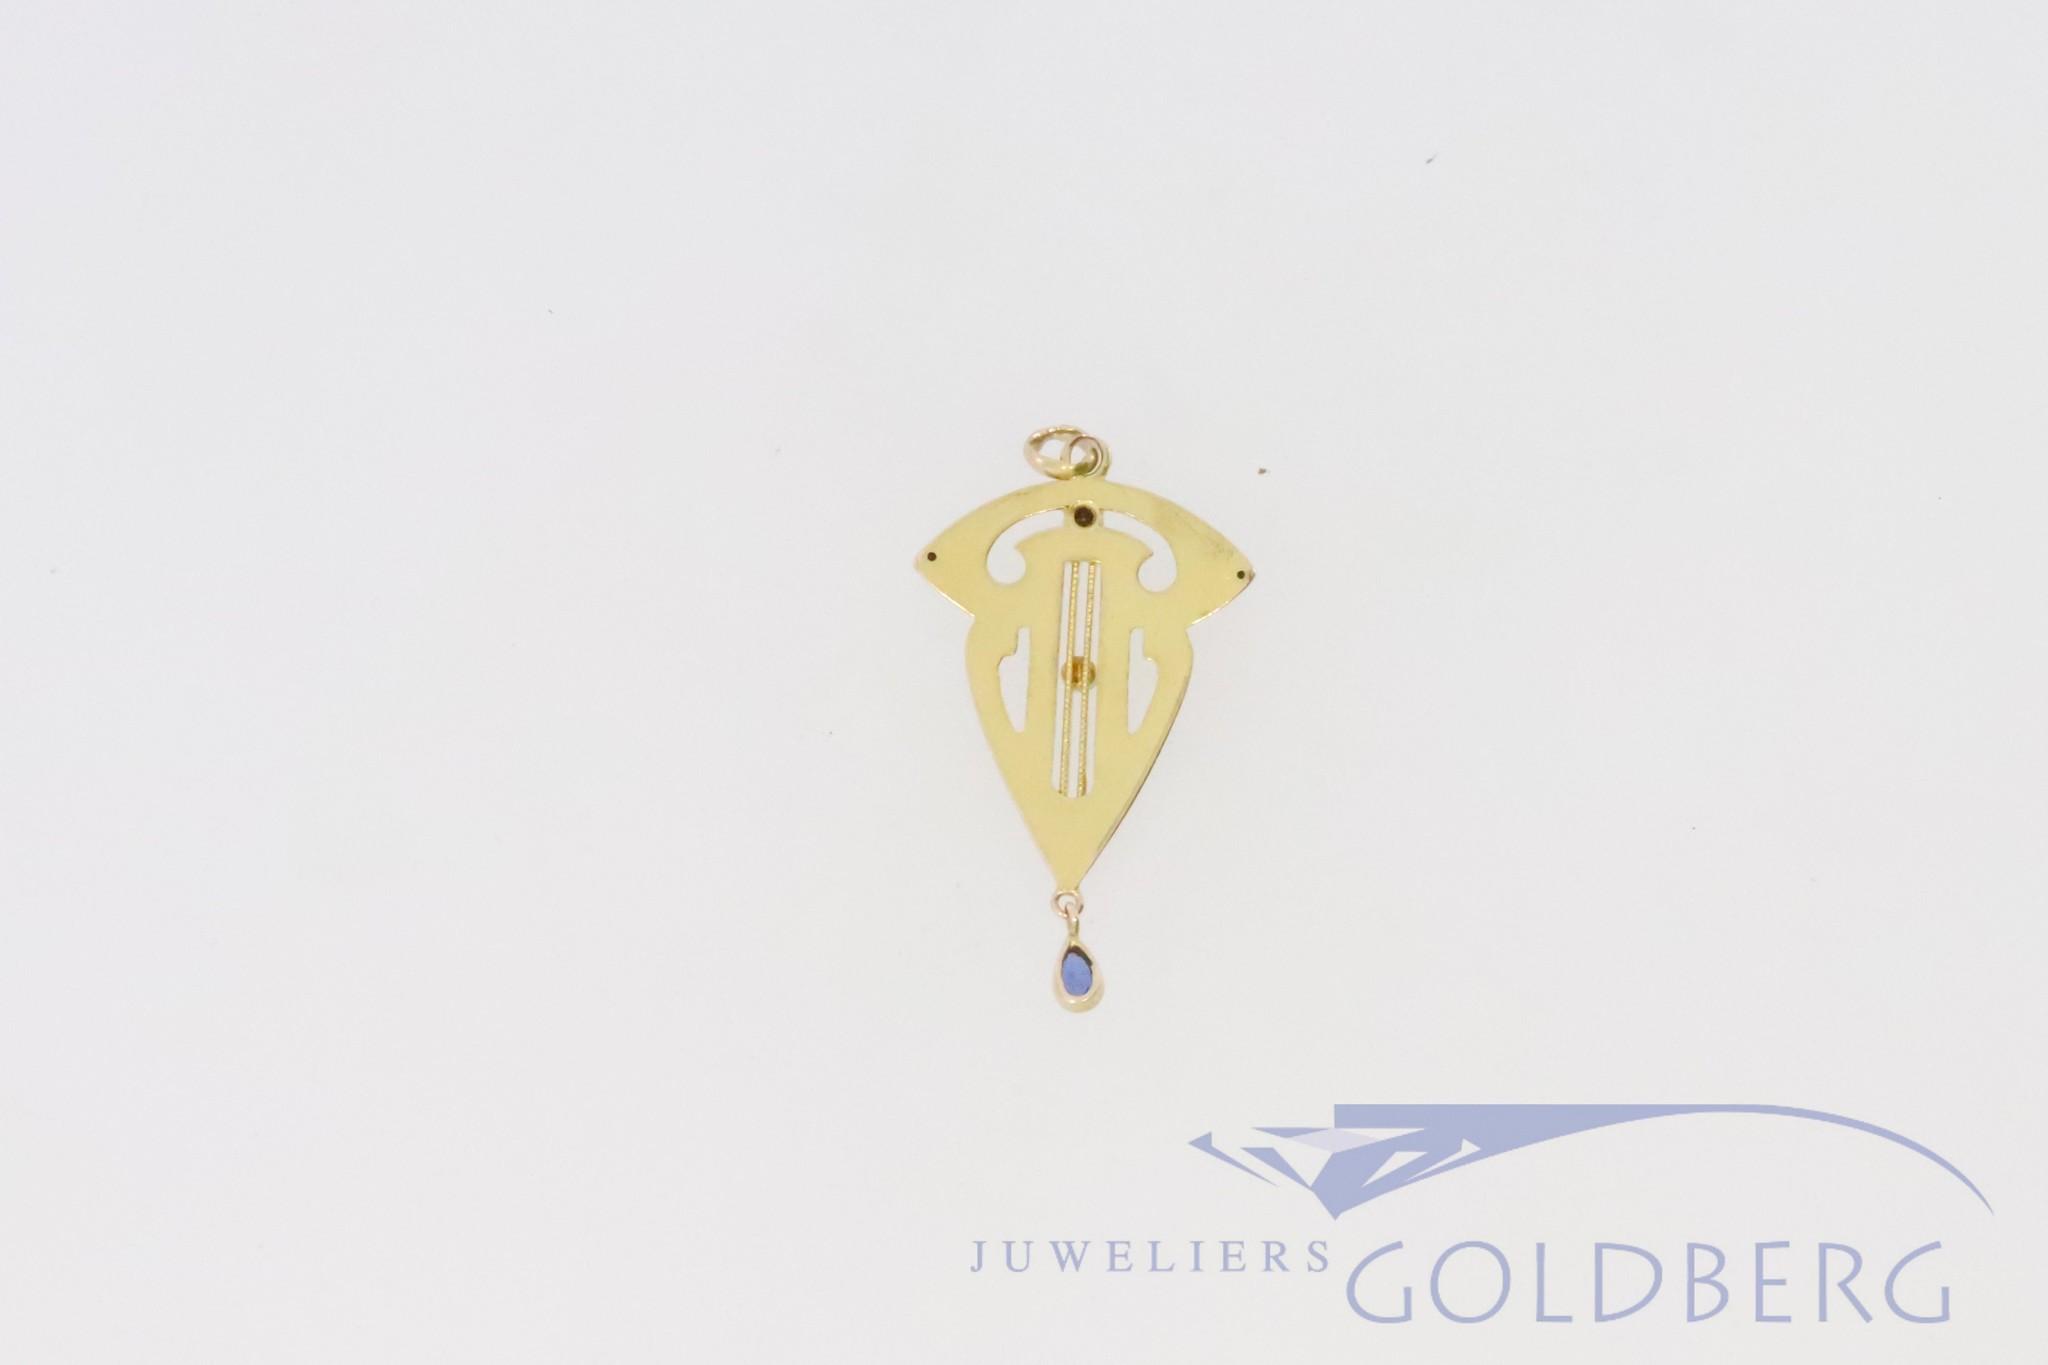 14k antique art nouveau style pendant with sapphire